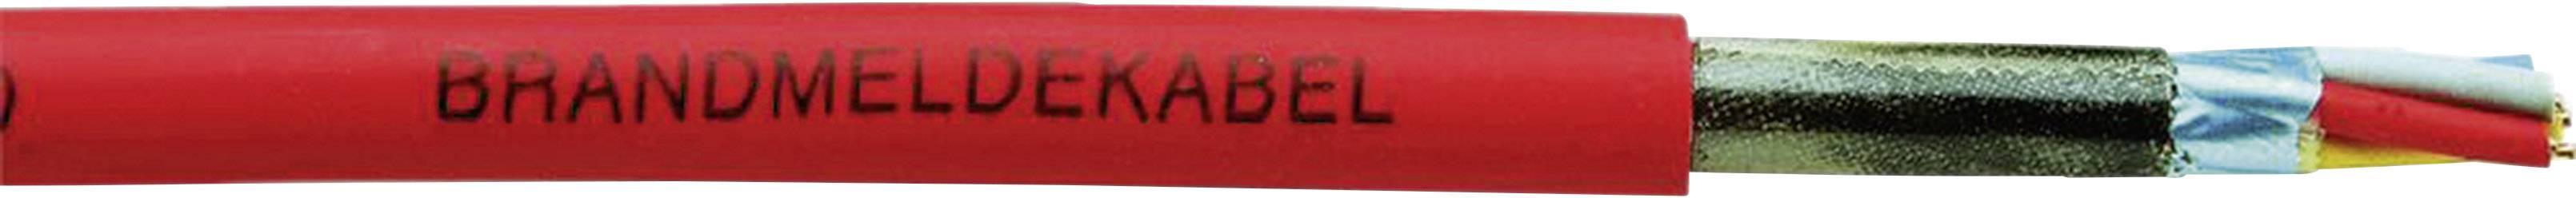 Kábel pre požiarne hlásiče JE-H(ST)H..E90 Faber Kabel JE-H(ST)H..E90 100283, 2 x 2 x 0.8 mm, červená, metrový tovar